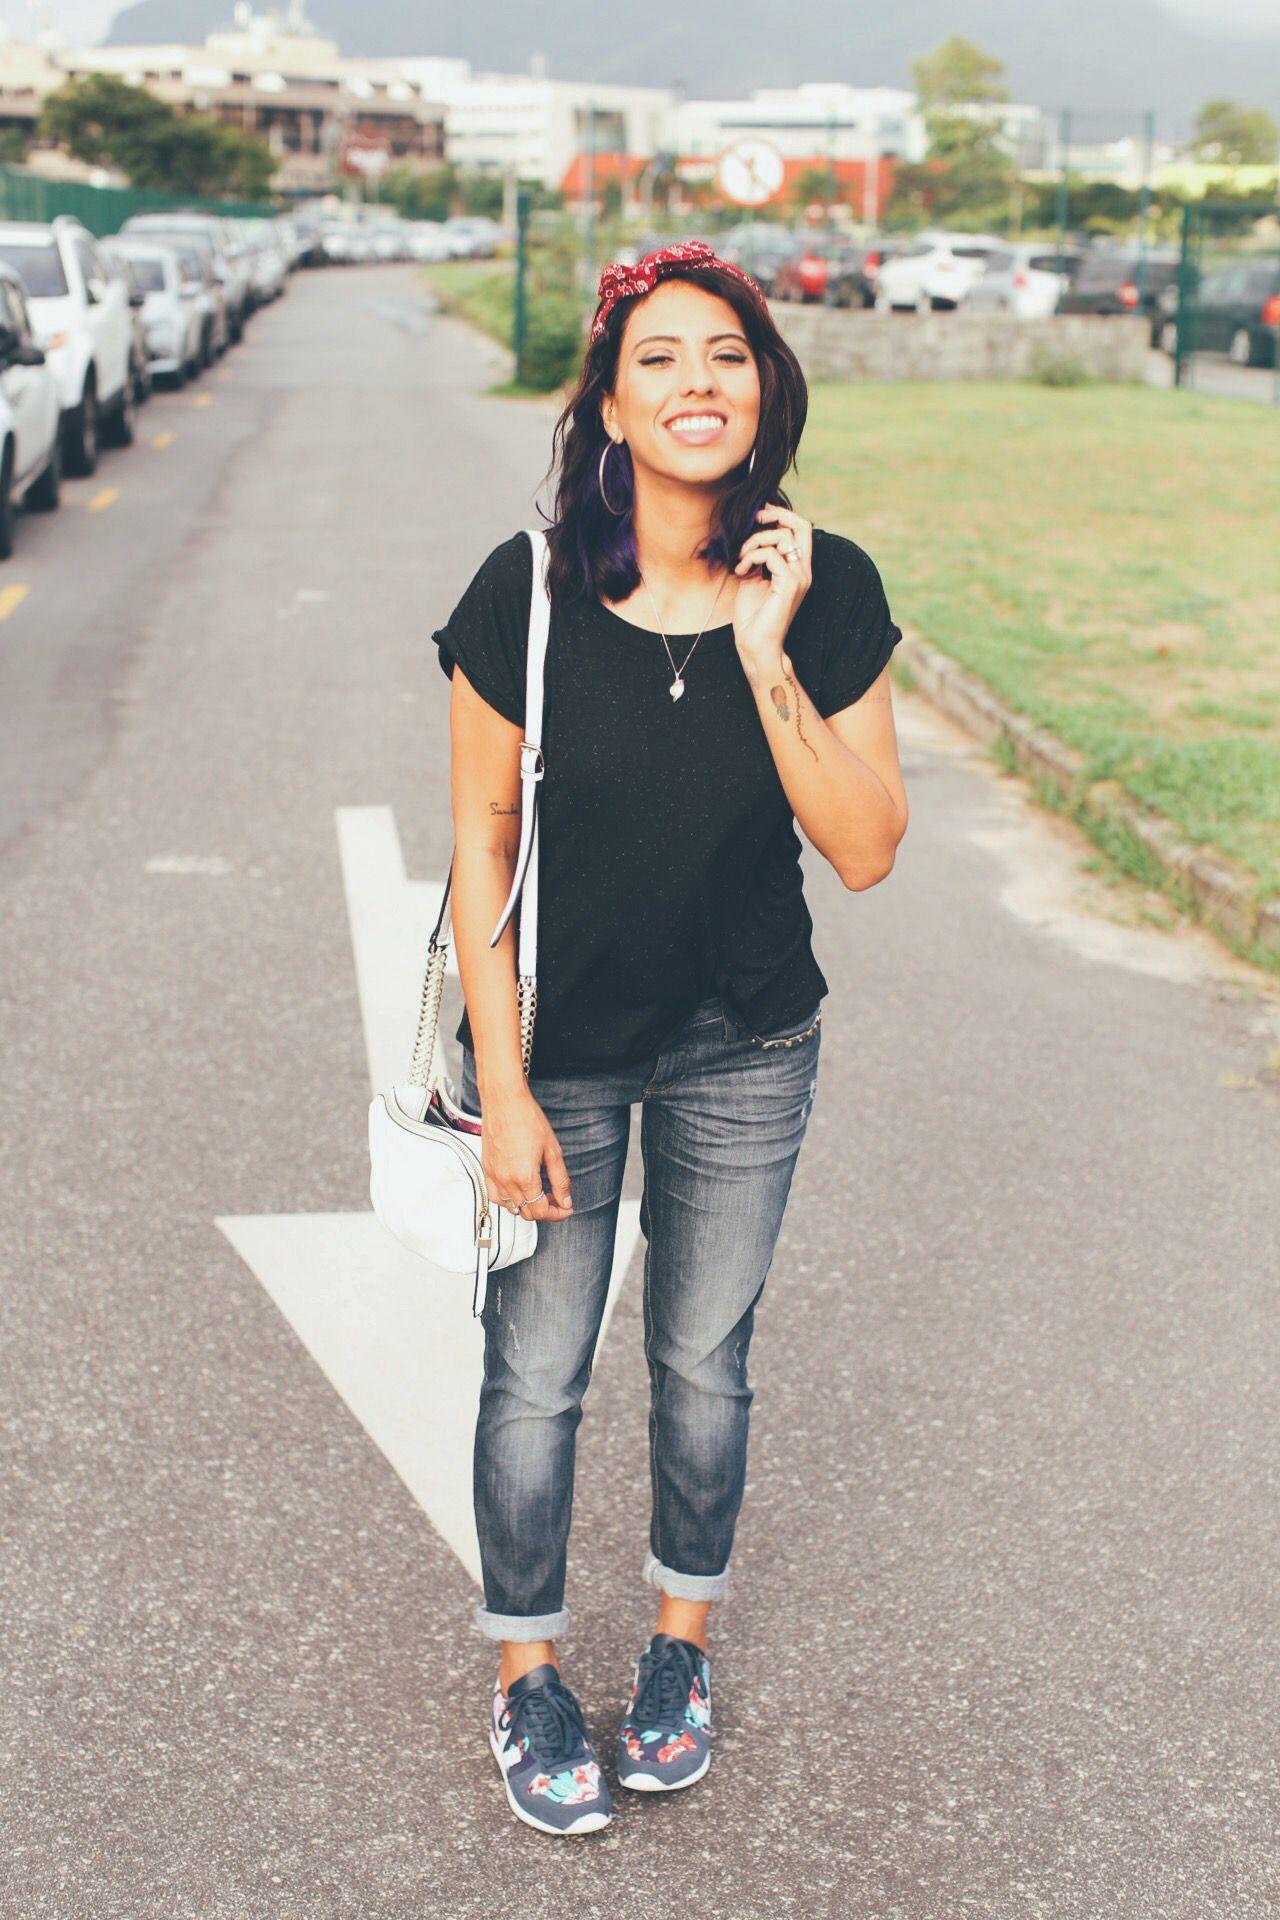 """Foto: Reprodução / <a href=""""http://modices.com.br/moda/look-do-dia-tenis-jeans-e-camiseta/"""" target=""""_blank"""">Modices</a>"""